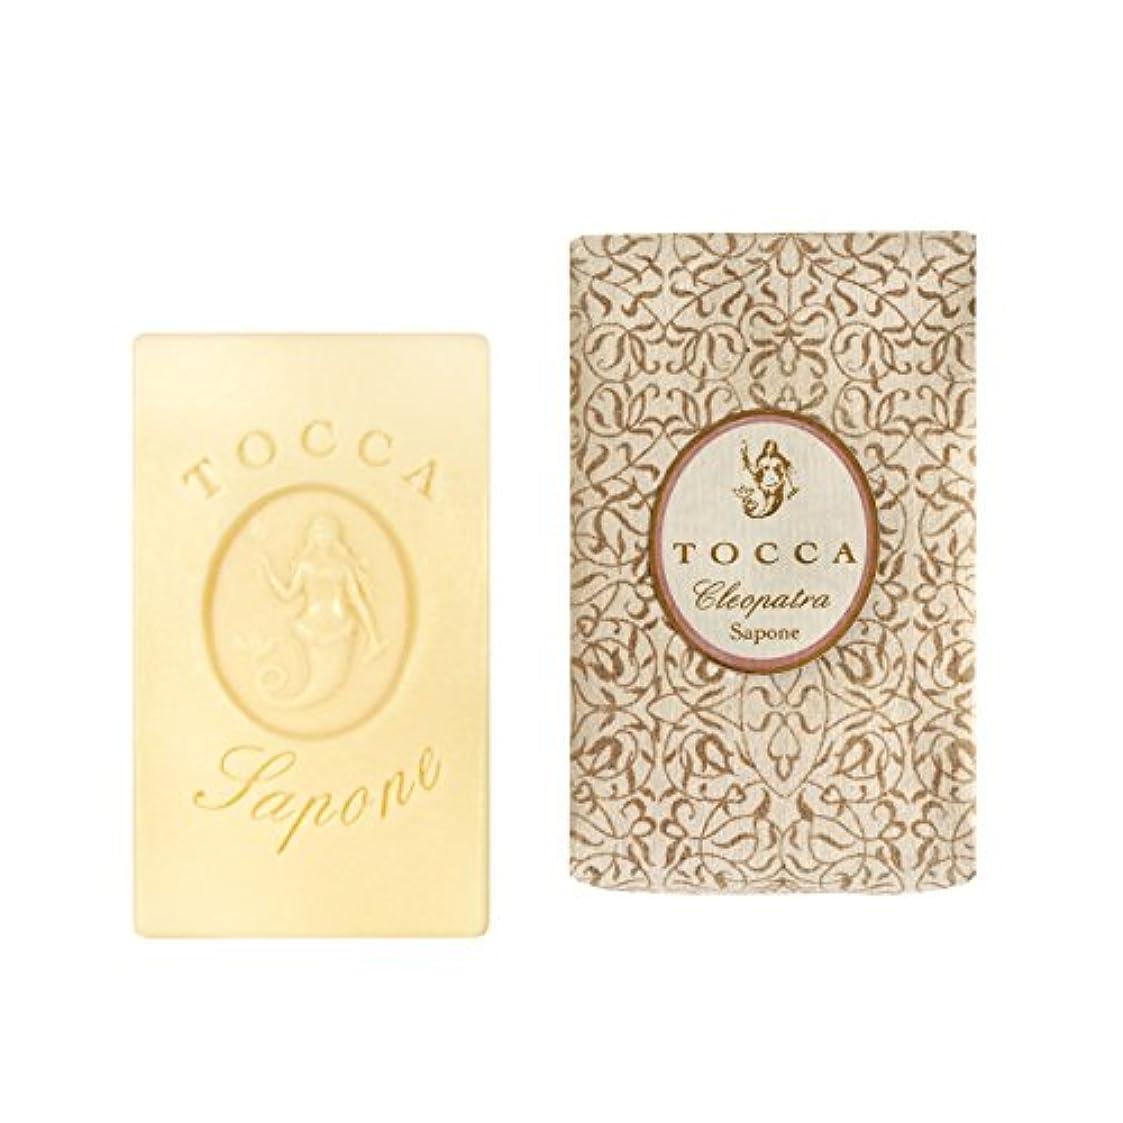 過言終点フリンジトッカ(TOCCA) ソープバー クレオパトラの香り 113g(石けん 化粧石けん グレープフルーツとキューカンバーのフレッシュでクリーンな香り)